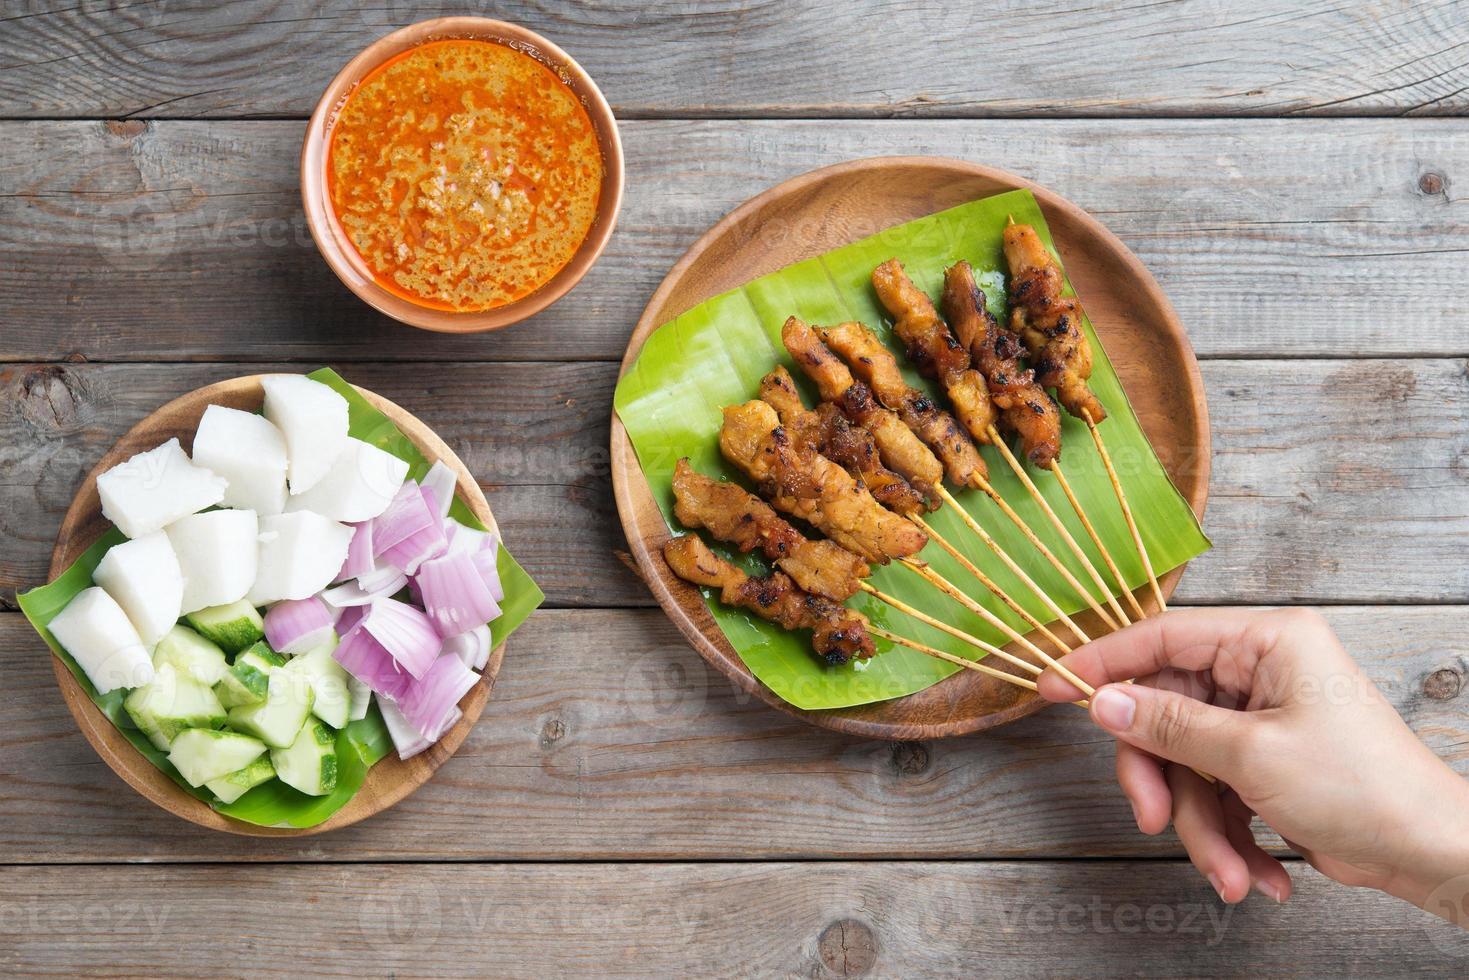 gente comiendo satay foto